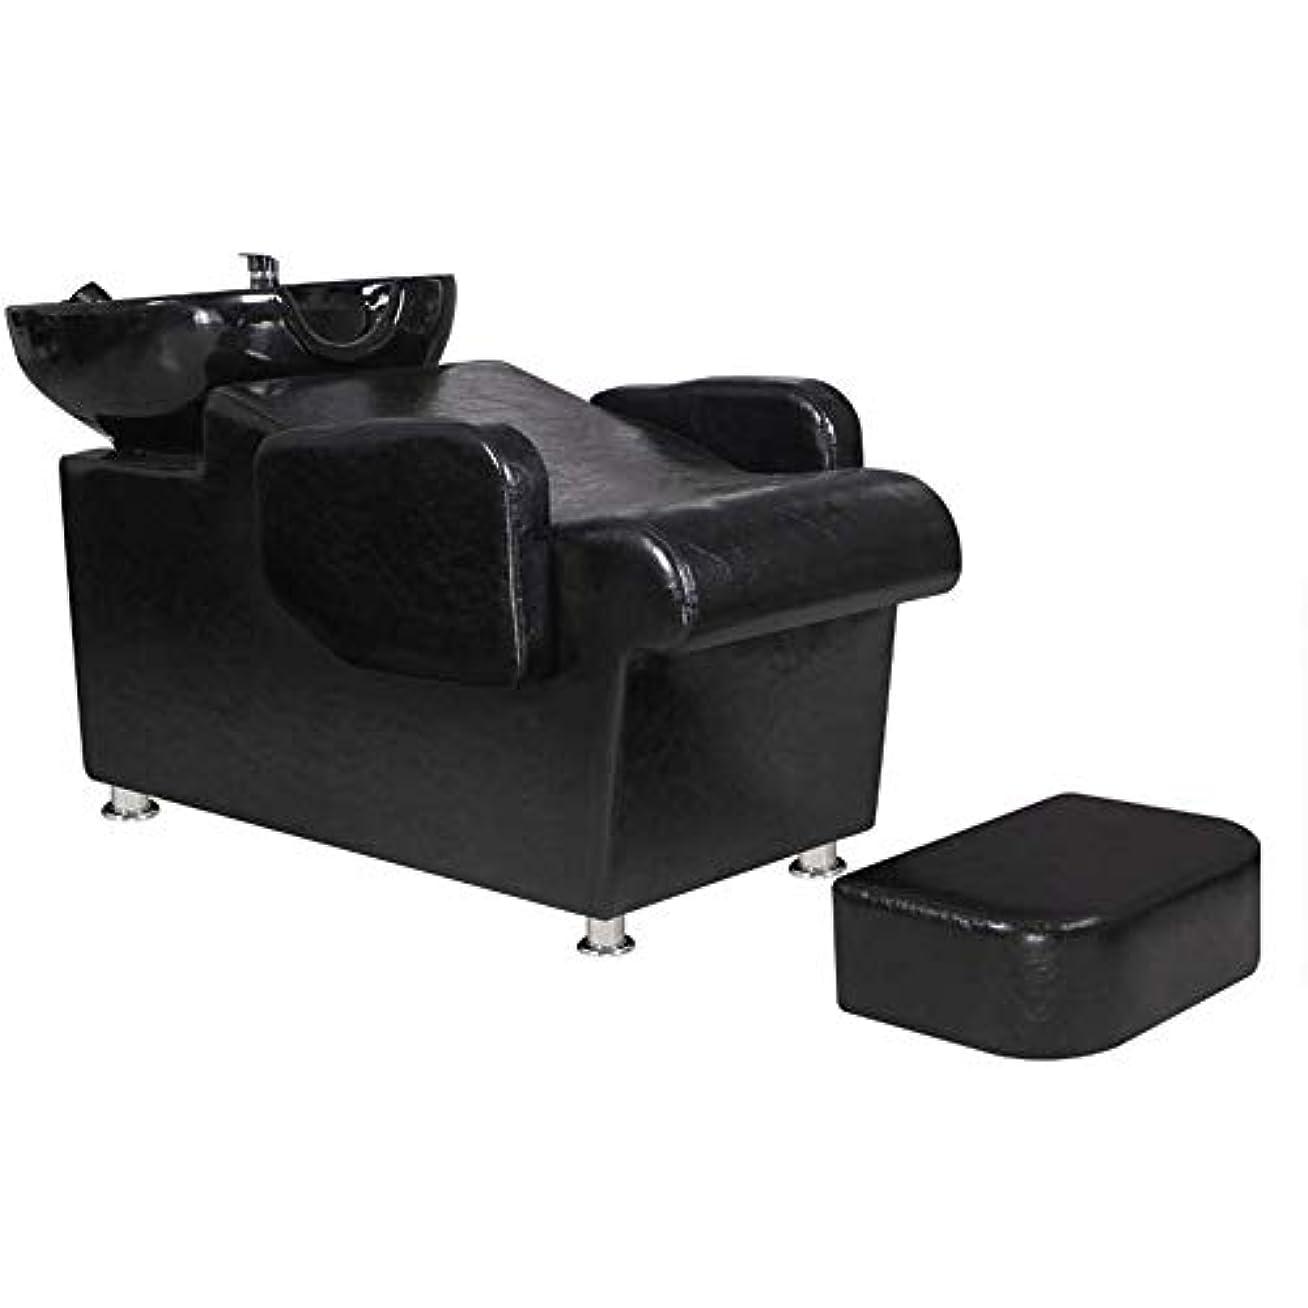 ヤングパキスタン樹木シャンプーバーバー逆洗椅子、 スパビューティーサロンのシャンプーボウルシンク椅子シャンプーチェア